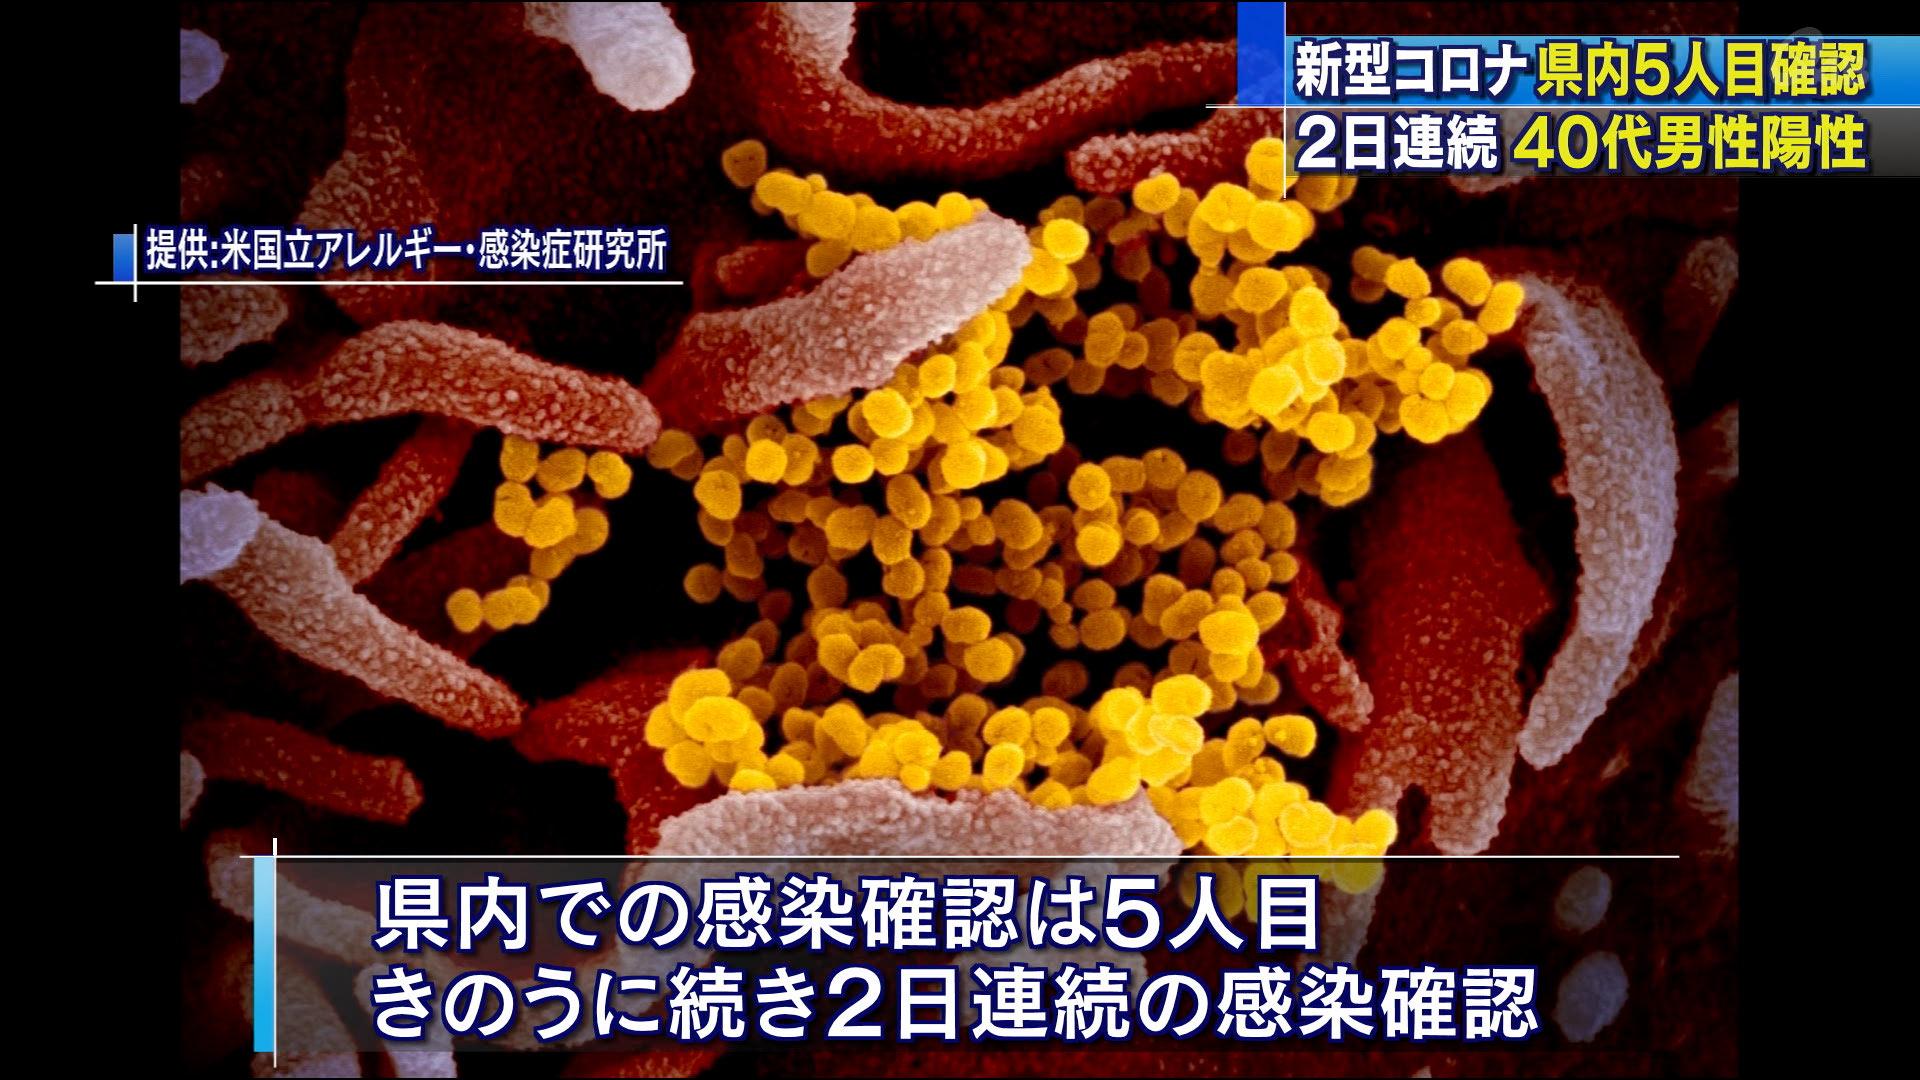 新型コロナ 新たに40代男性1人の感染確認